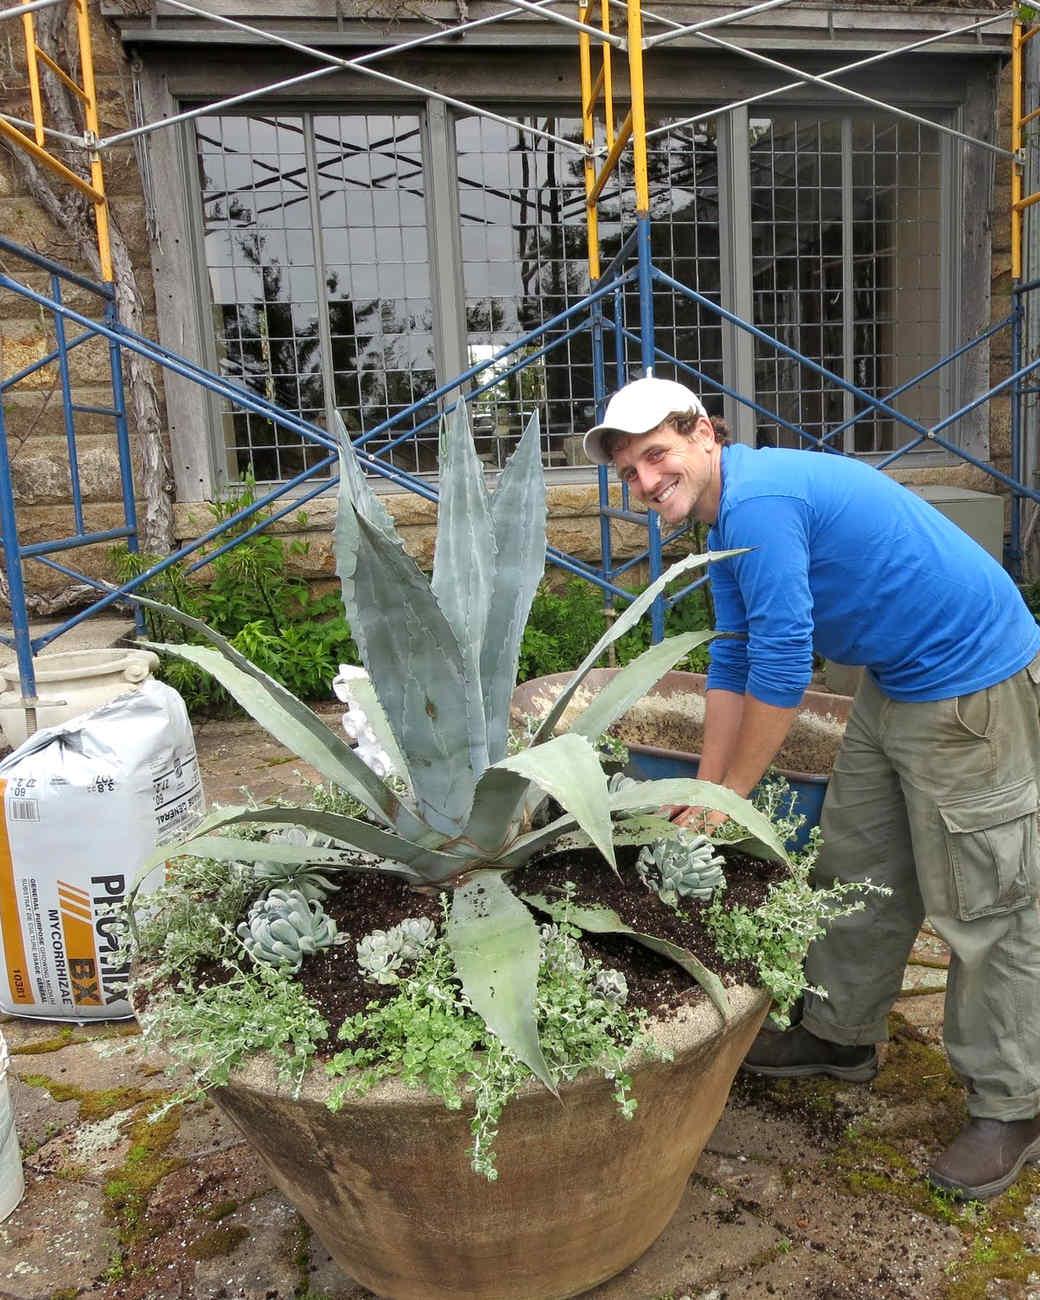 planting-urns-skylands-26-0514.jpg